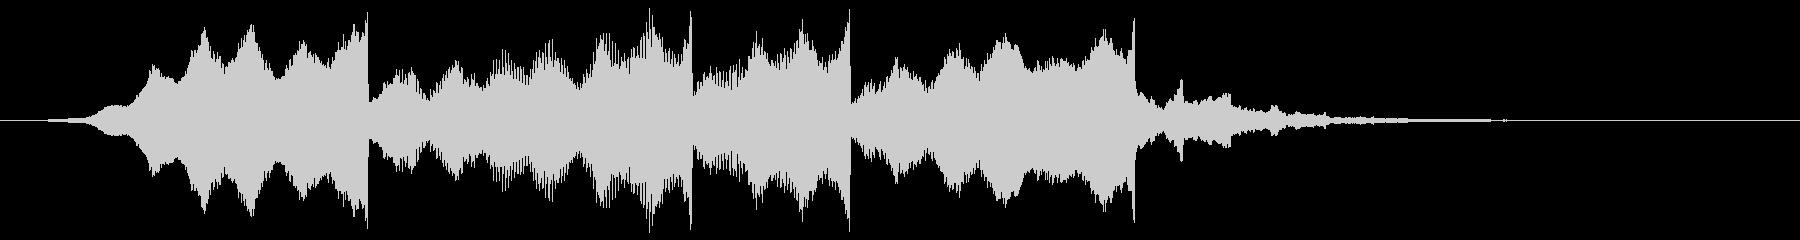 ピアノの高音の逆再生サウンドロゴの未再生の波形